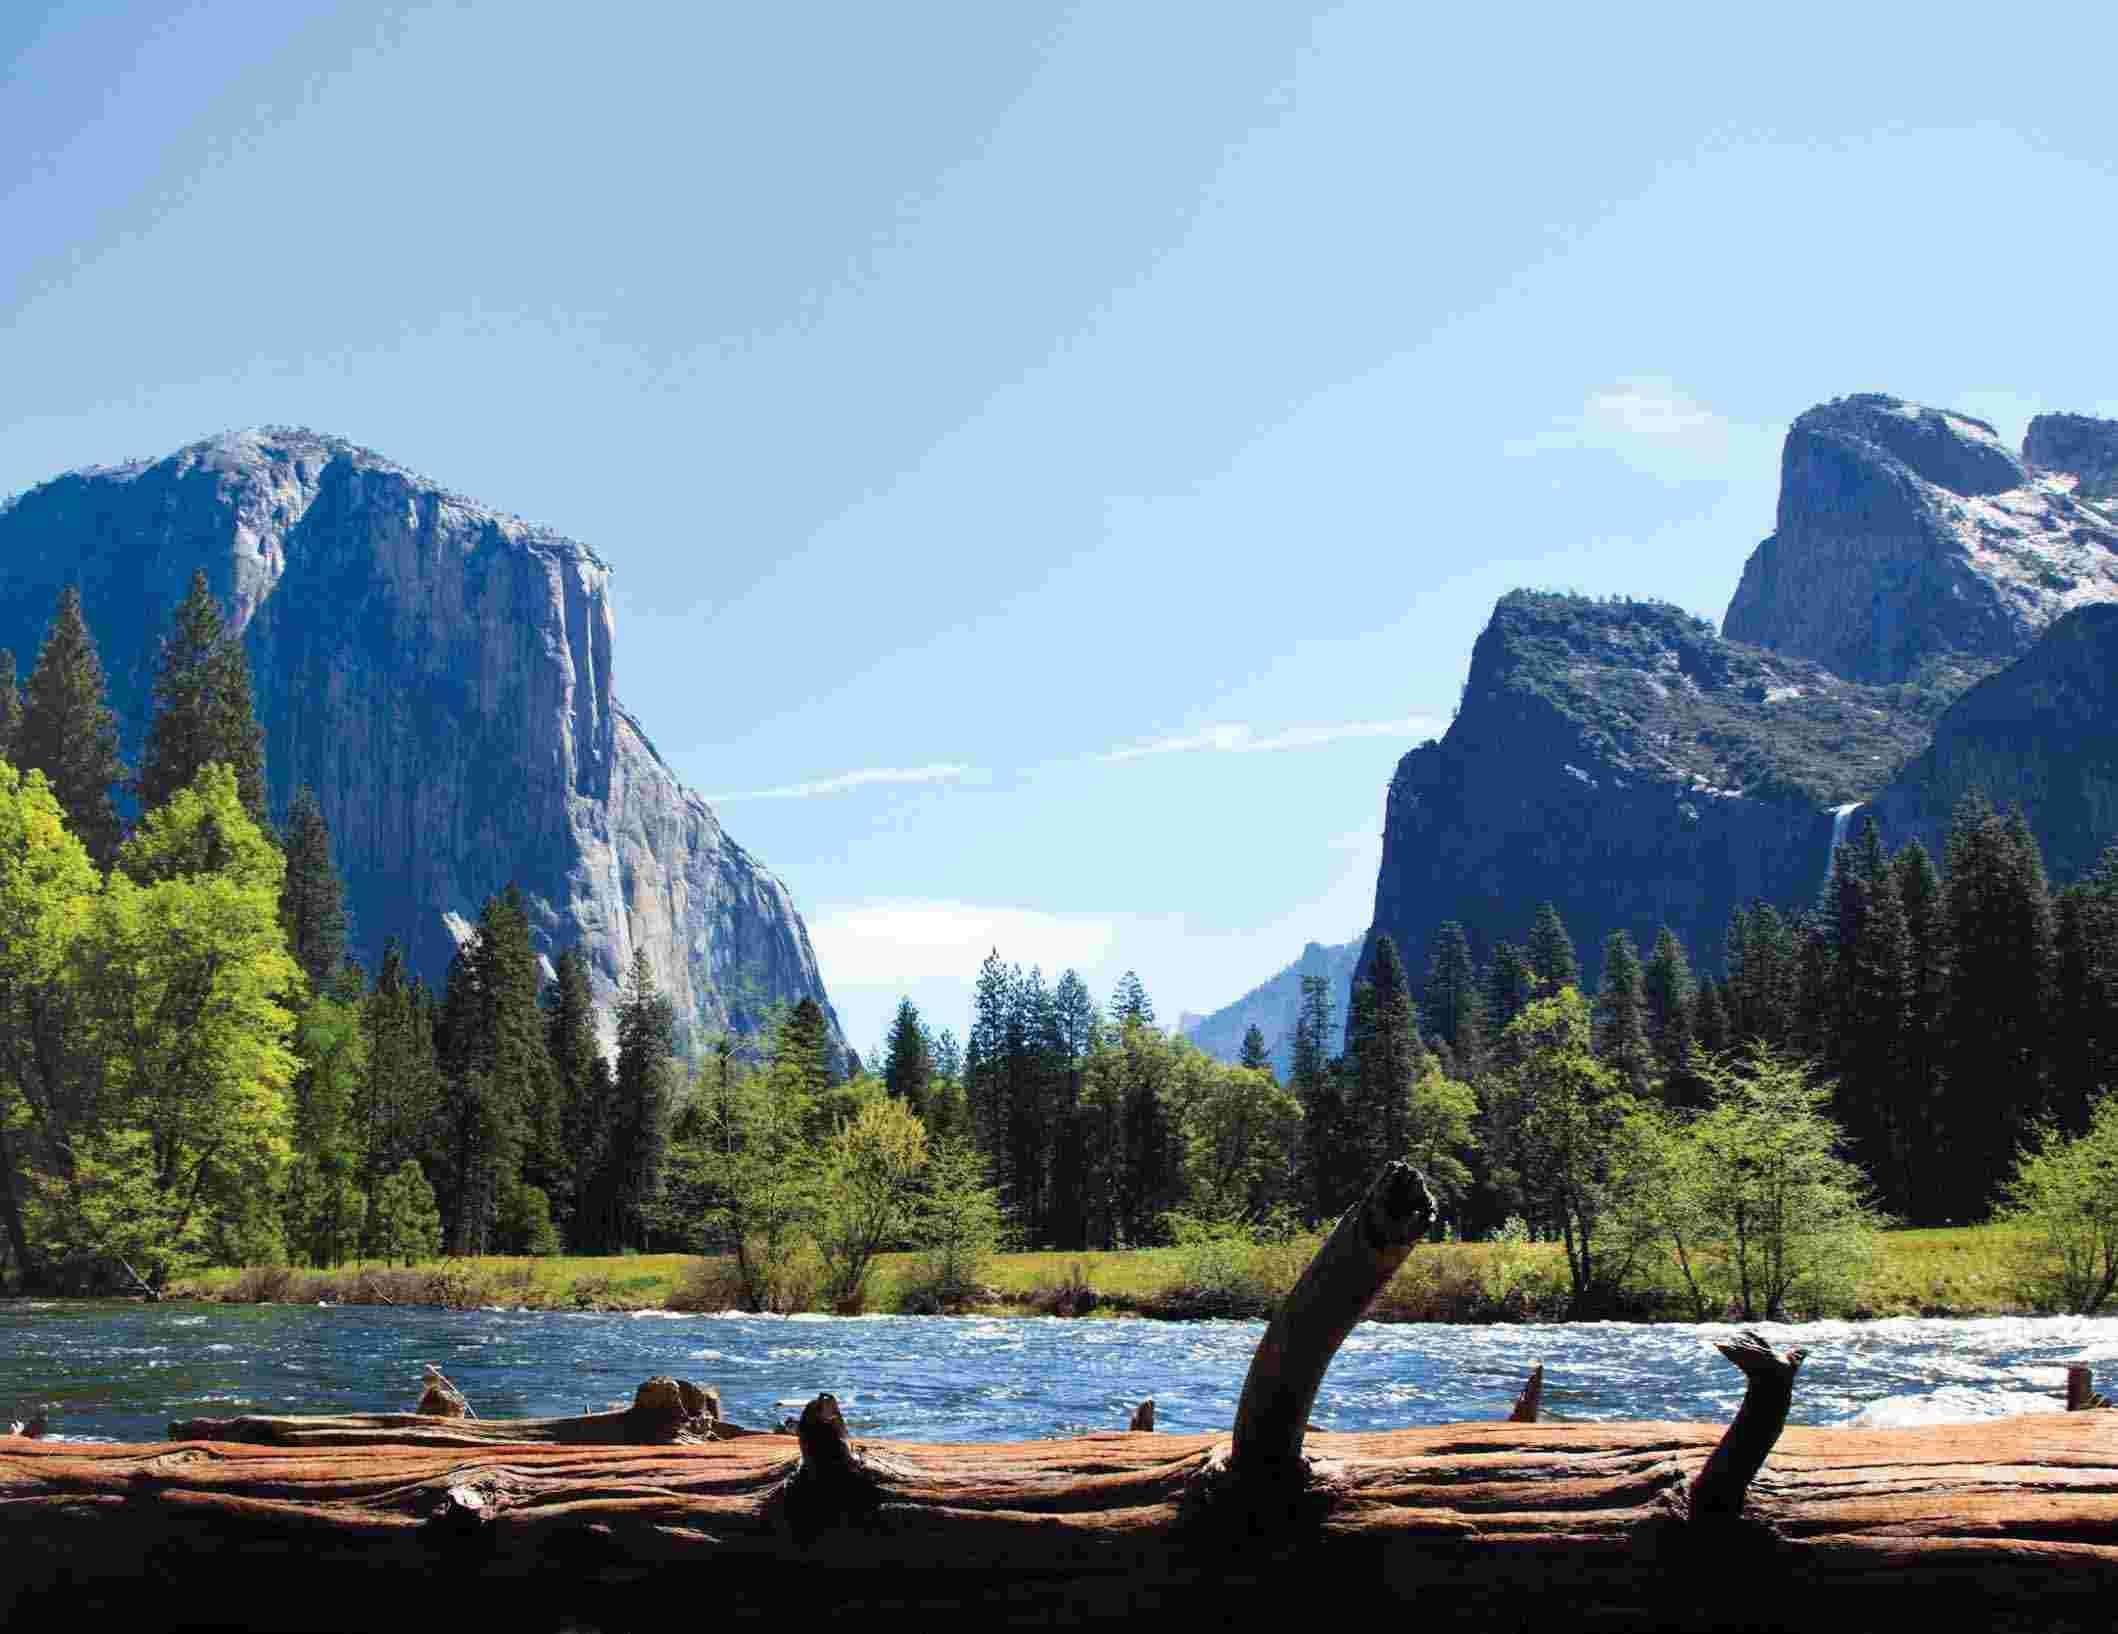 USA National Parks Explorer Overview USA National Parks Explorer - National parks in usa